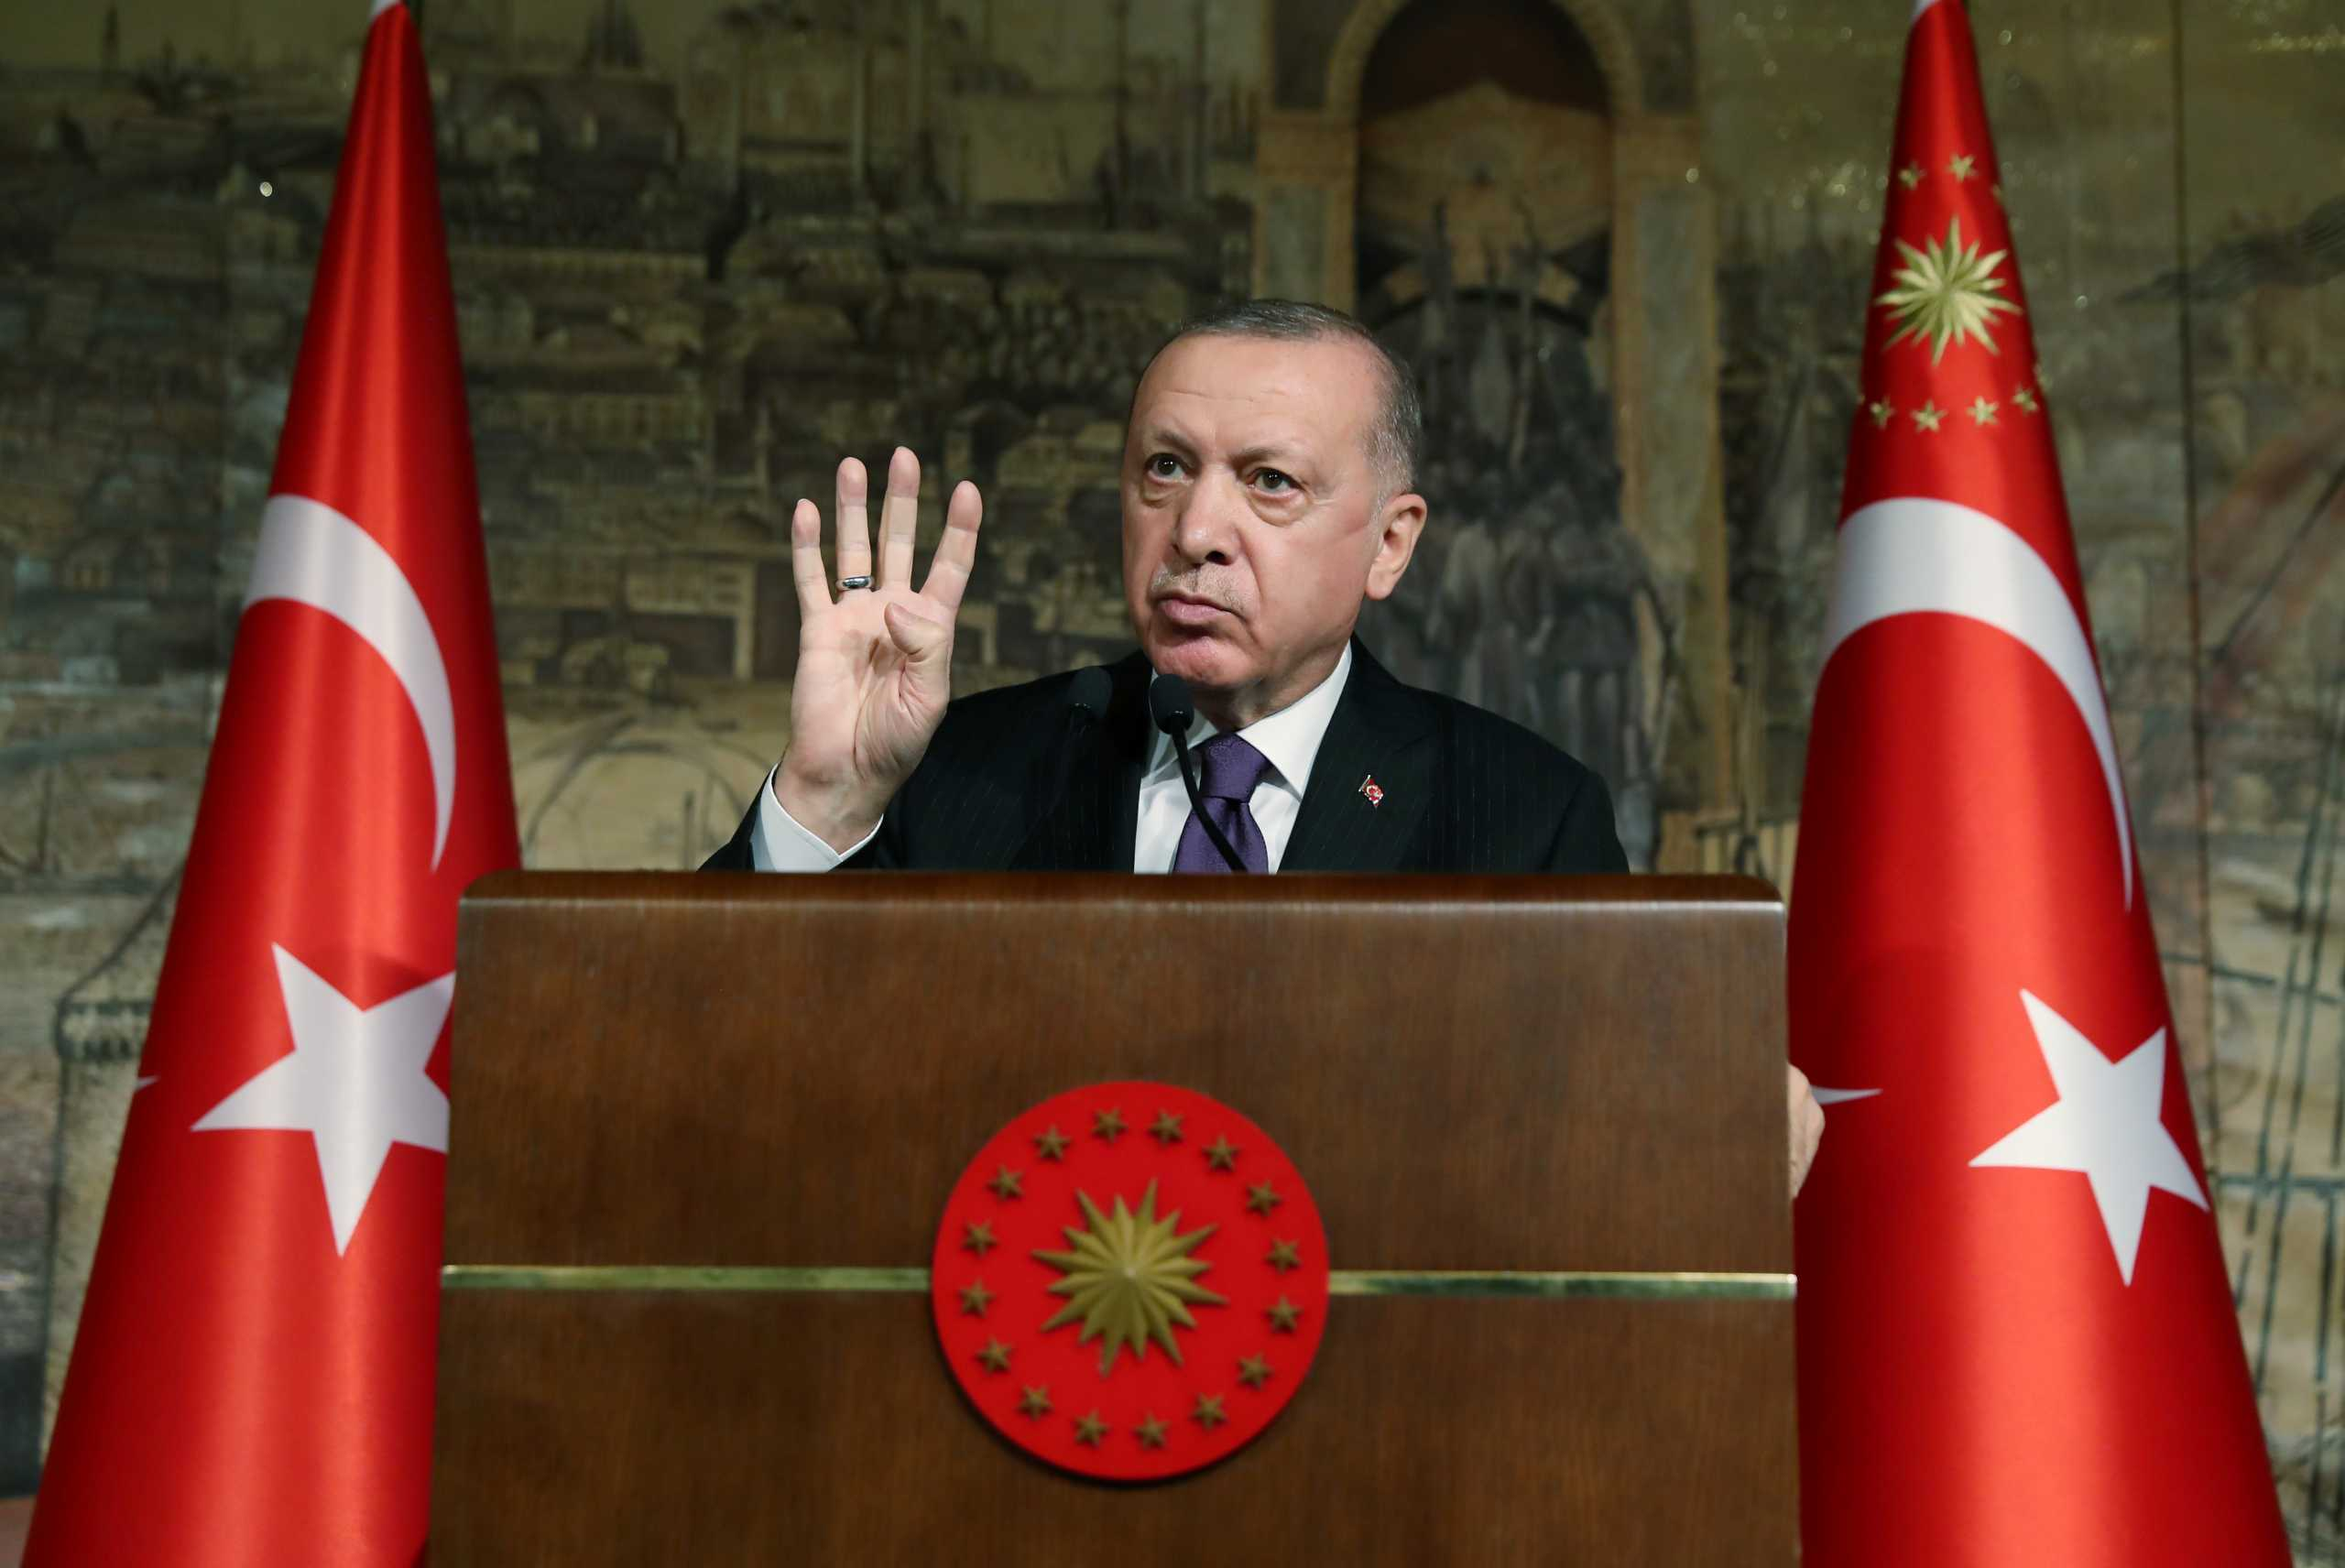 Ερντογάν: Αιχμηρή ομιλία για «Γαλάζια Πατρίδα» και τουρκολιβυκό μνημόνιο